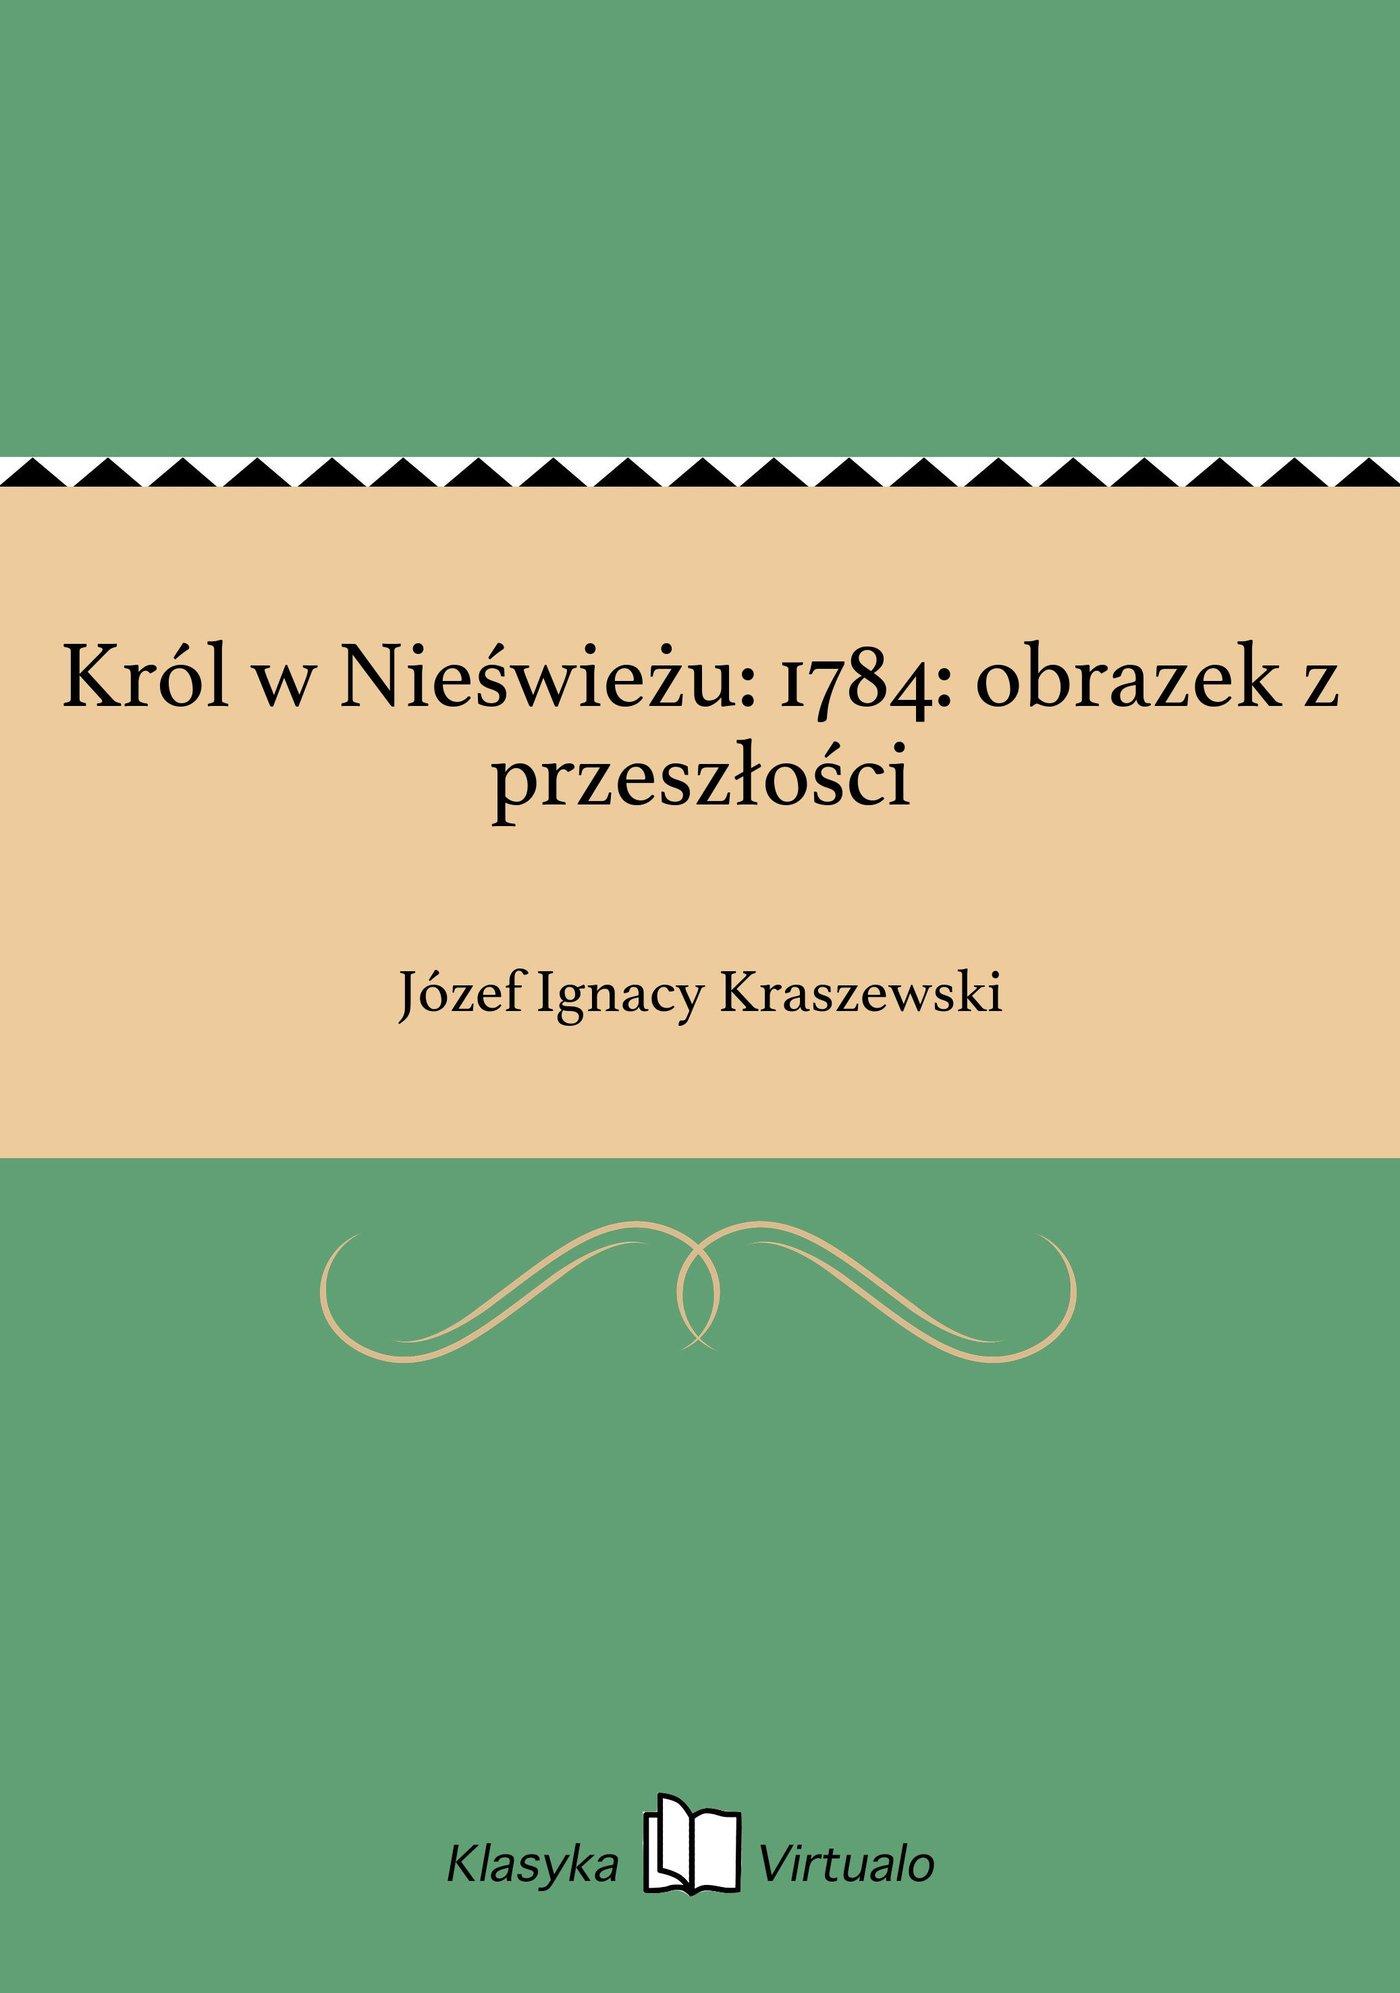 Król w Nieświeżu: 1784: obrazek z przeszłości - Ebook (Książka na Kindle) do pobrania w formacie MOBI